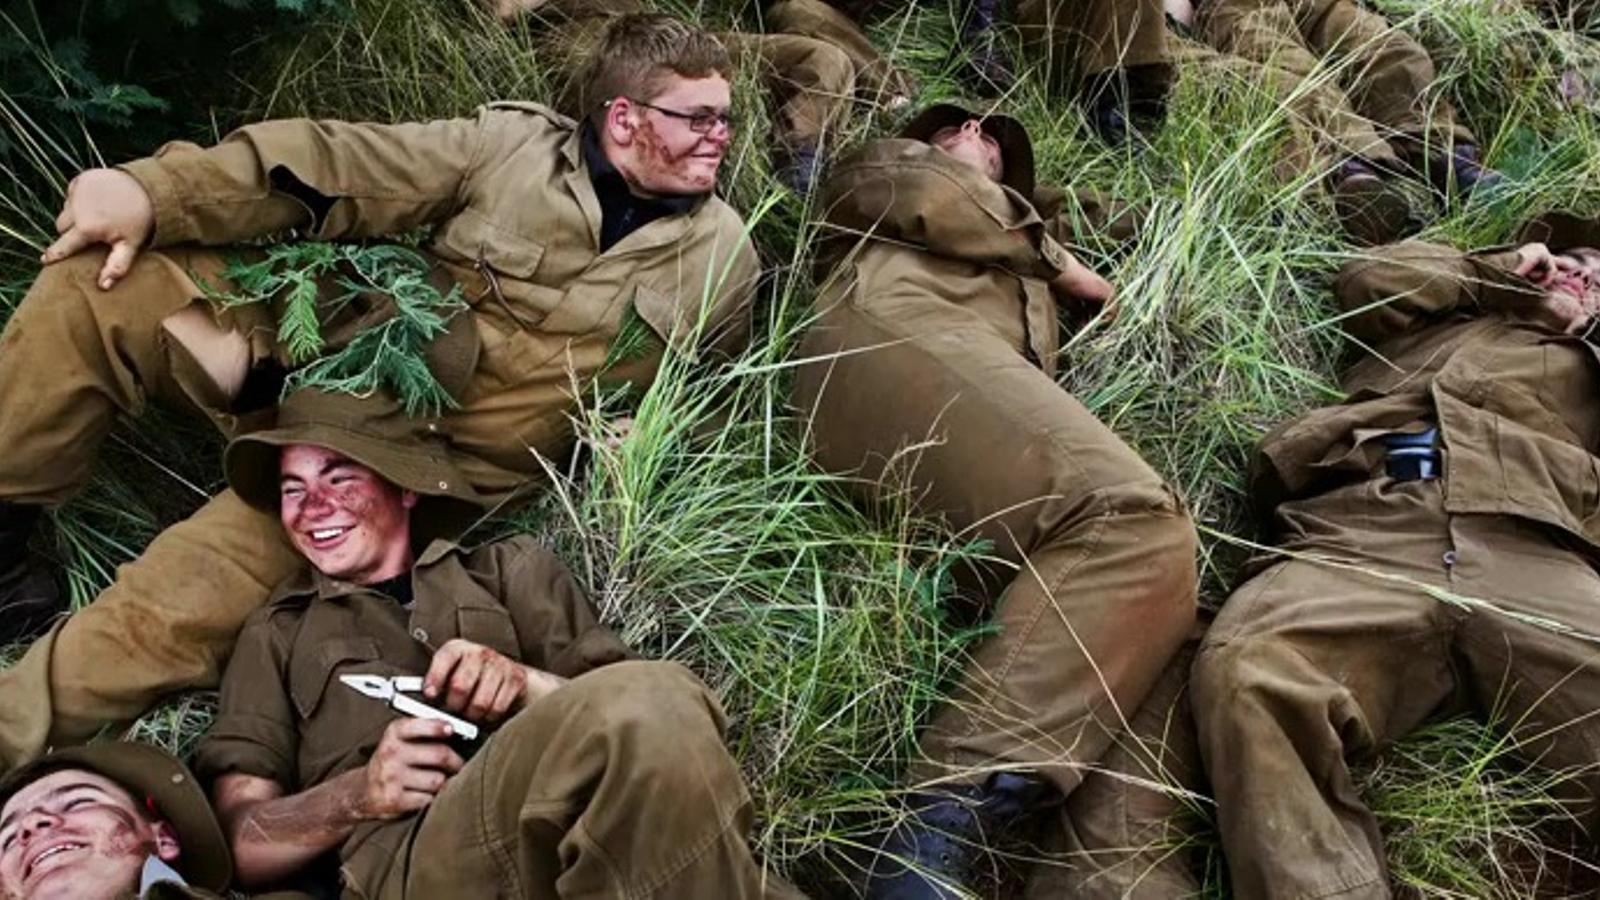 Un vídeo sobre un grup d'extrema dreta a Sud-àfrica guanya el World Press Photo multimèdia